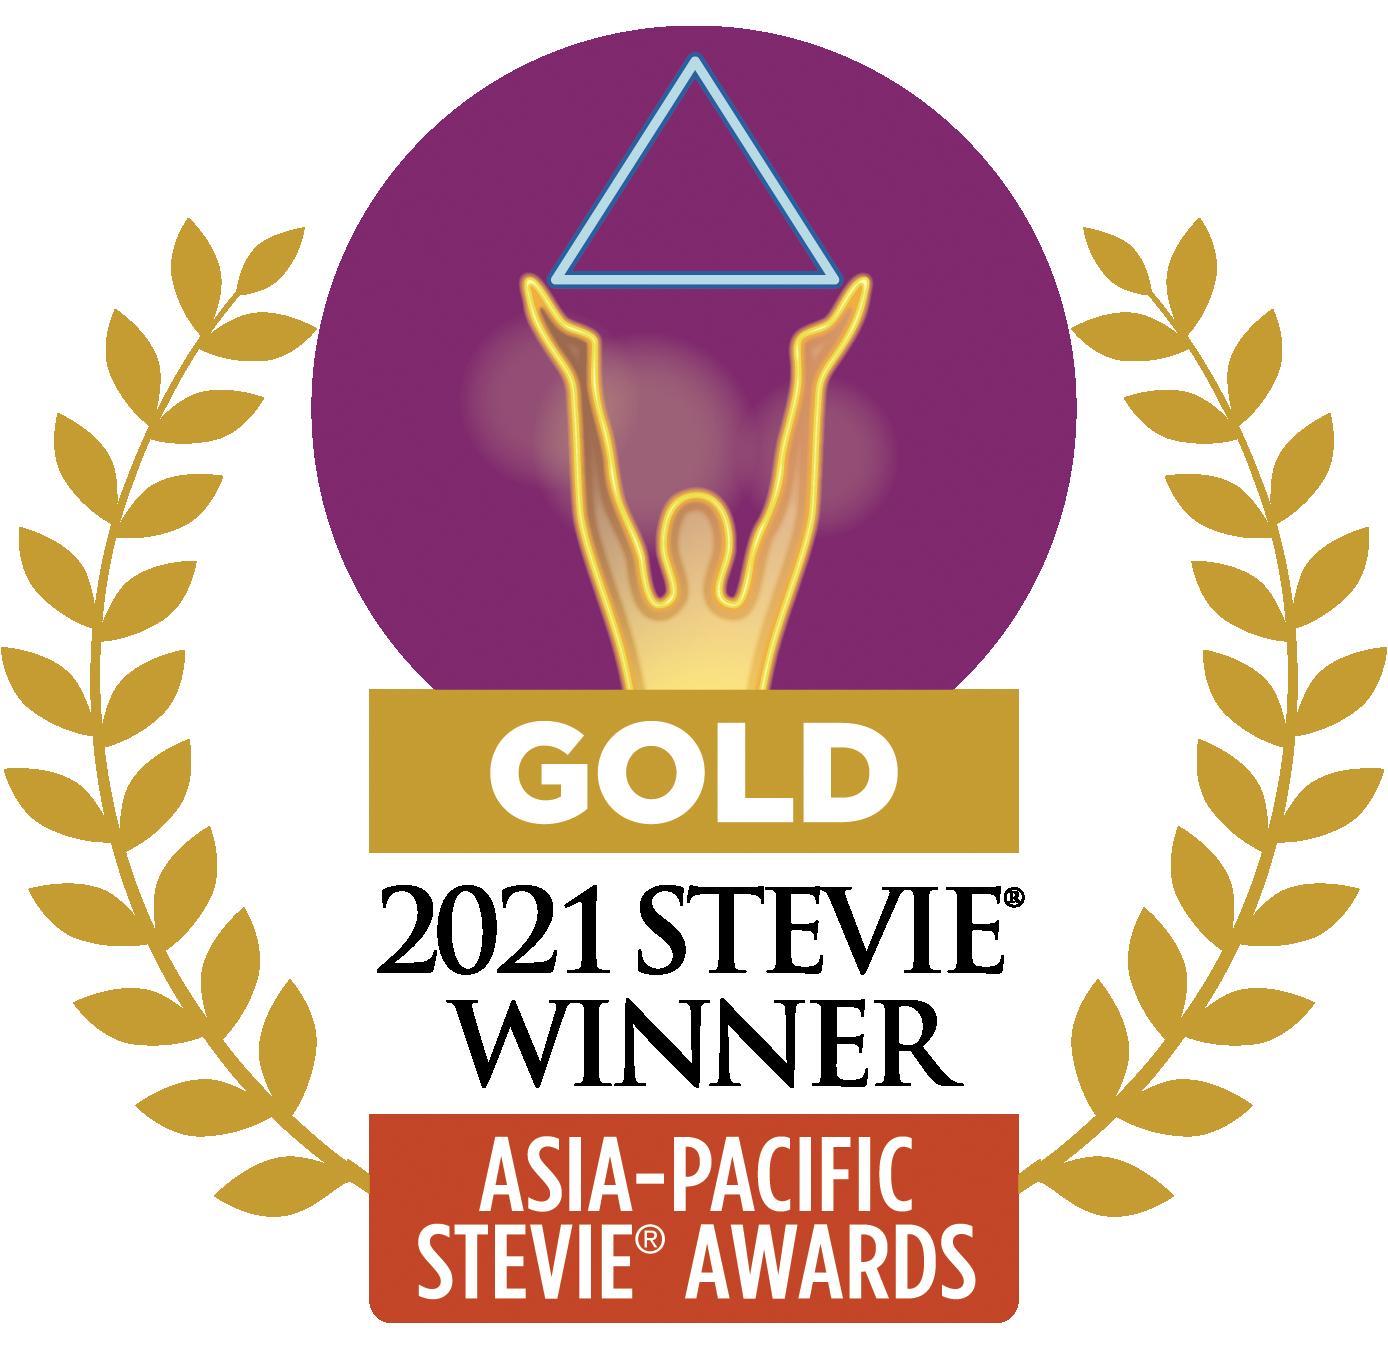 GoldAsia-Pacific Stevie Award Winner